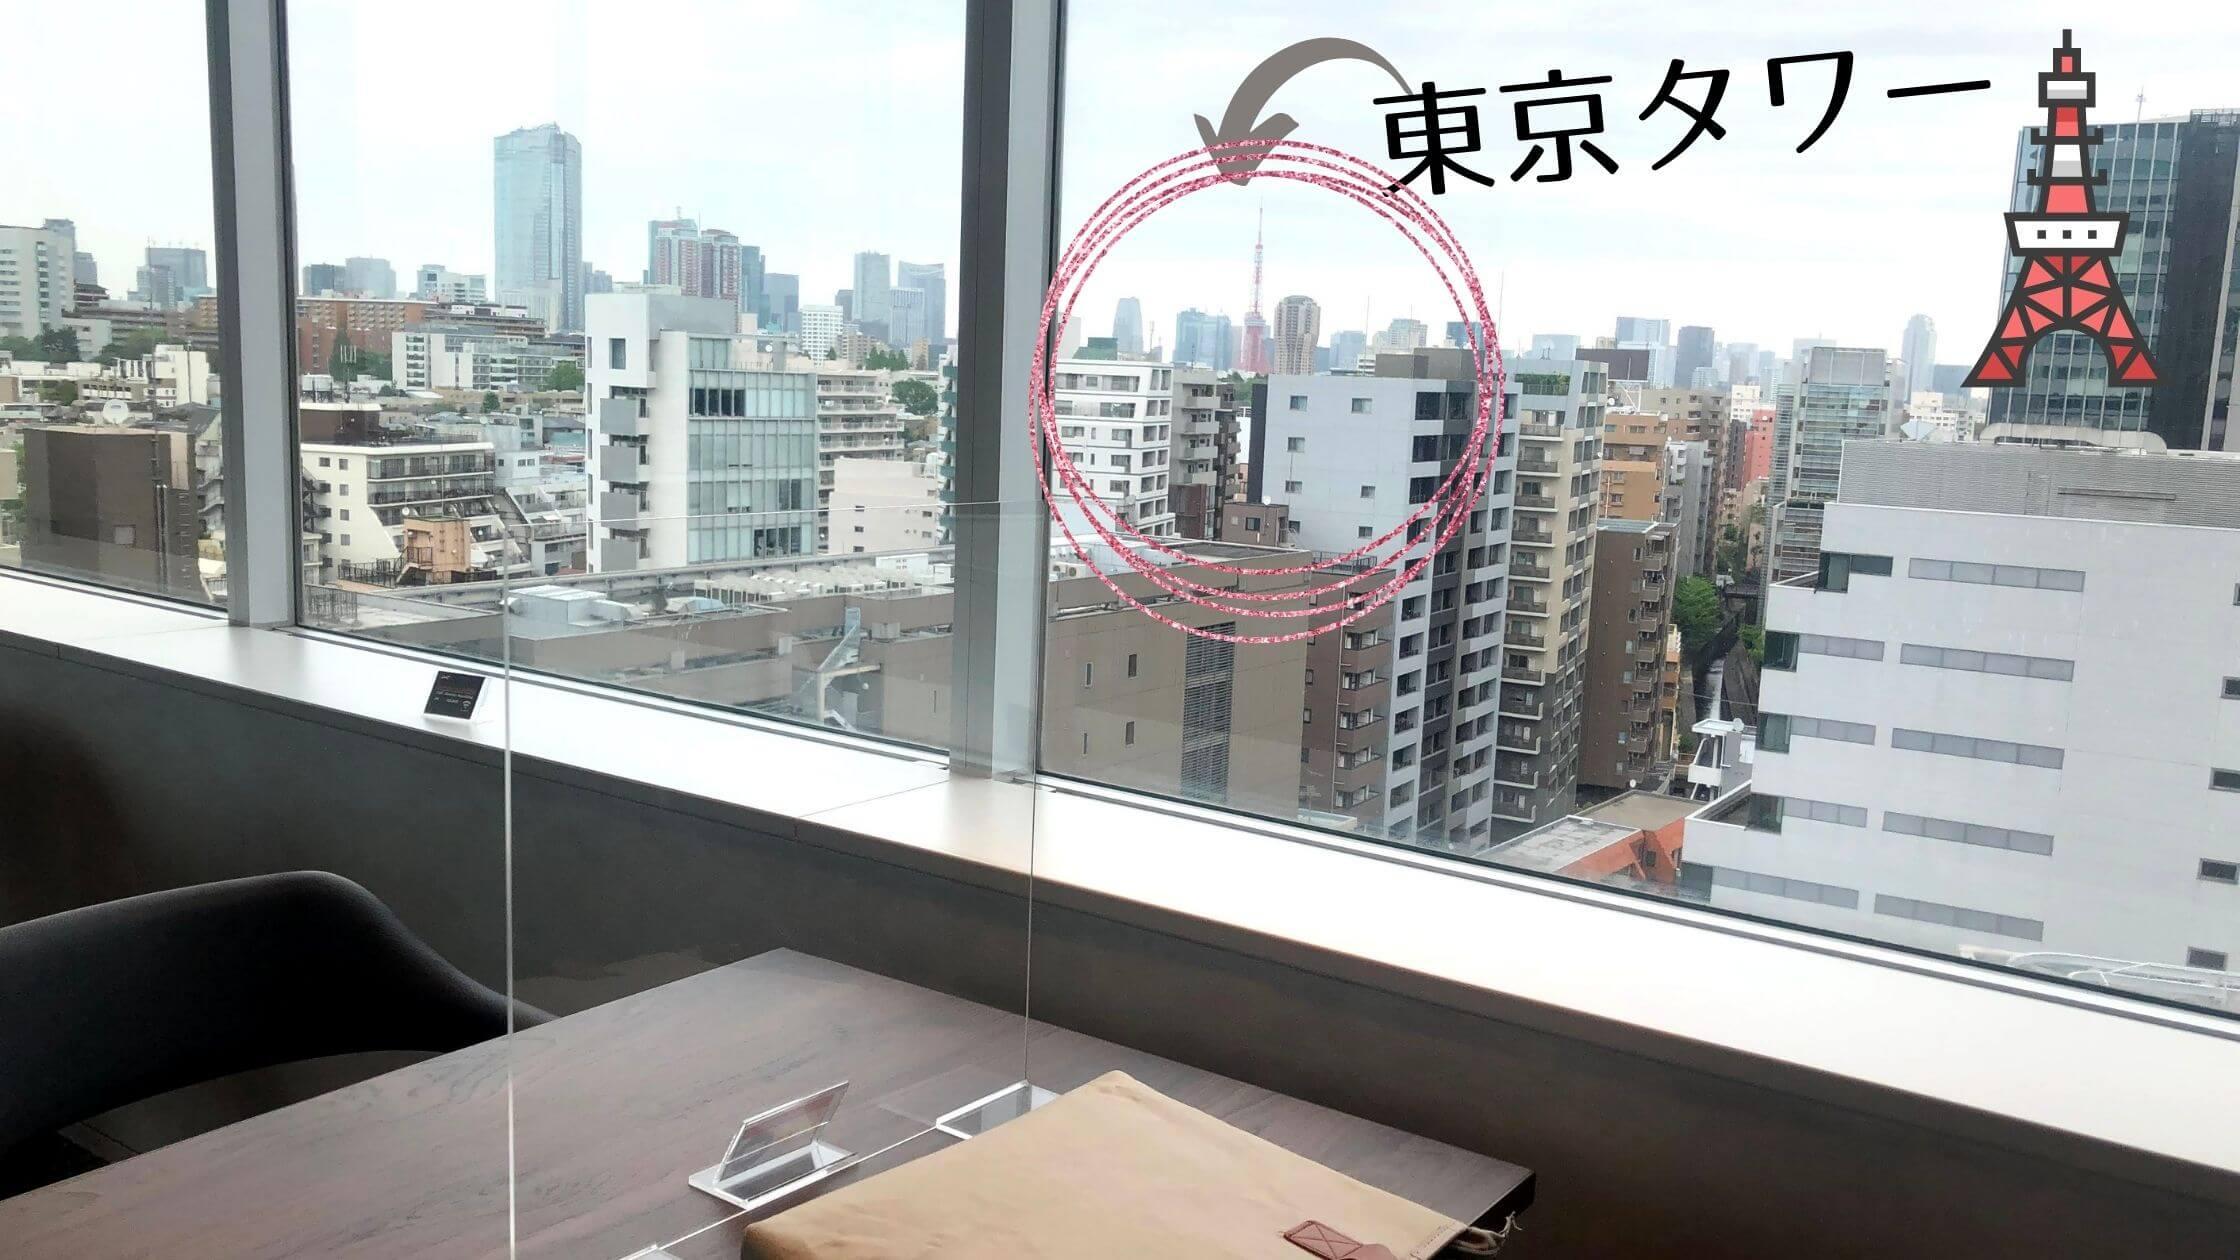 ビジネスエアポート恵比寿店から遠くに見える東京タワー